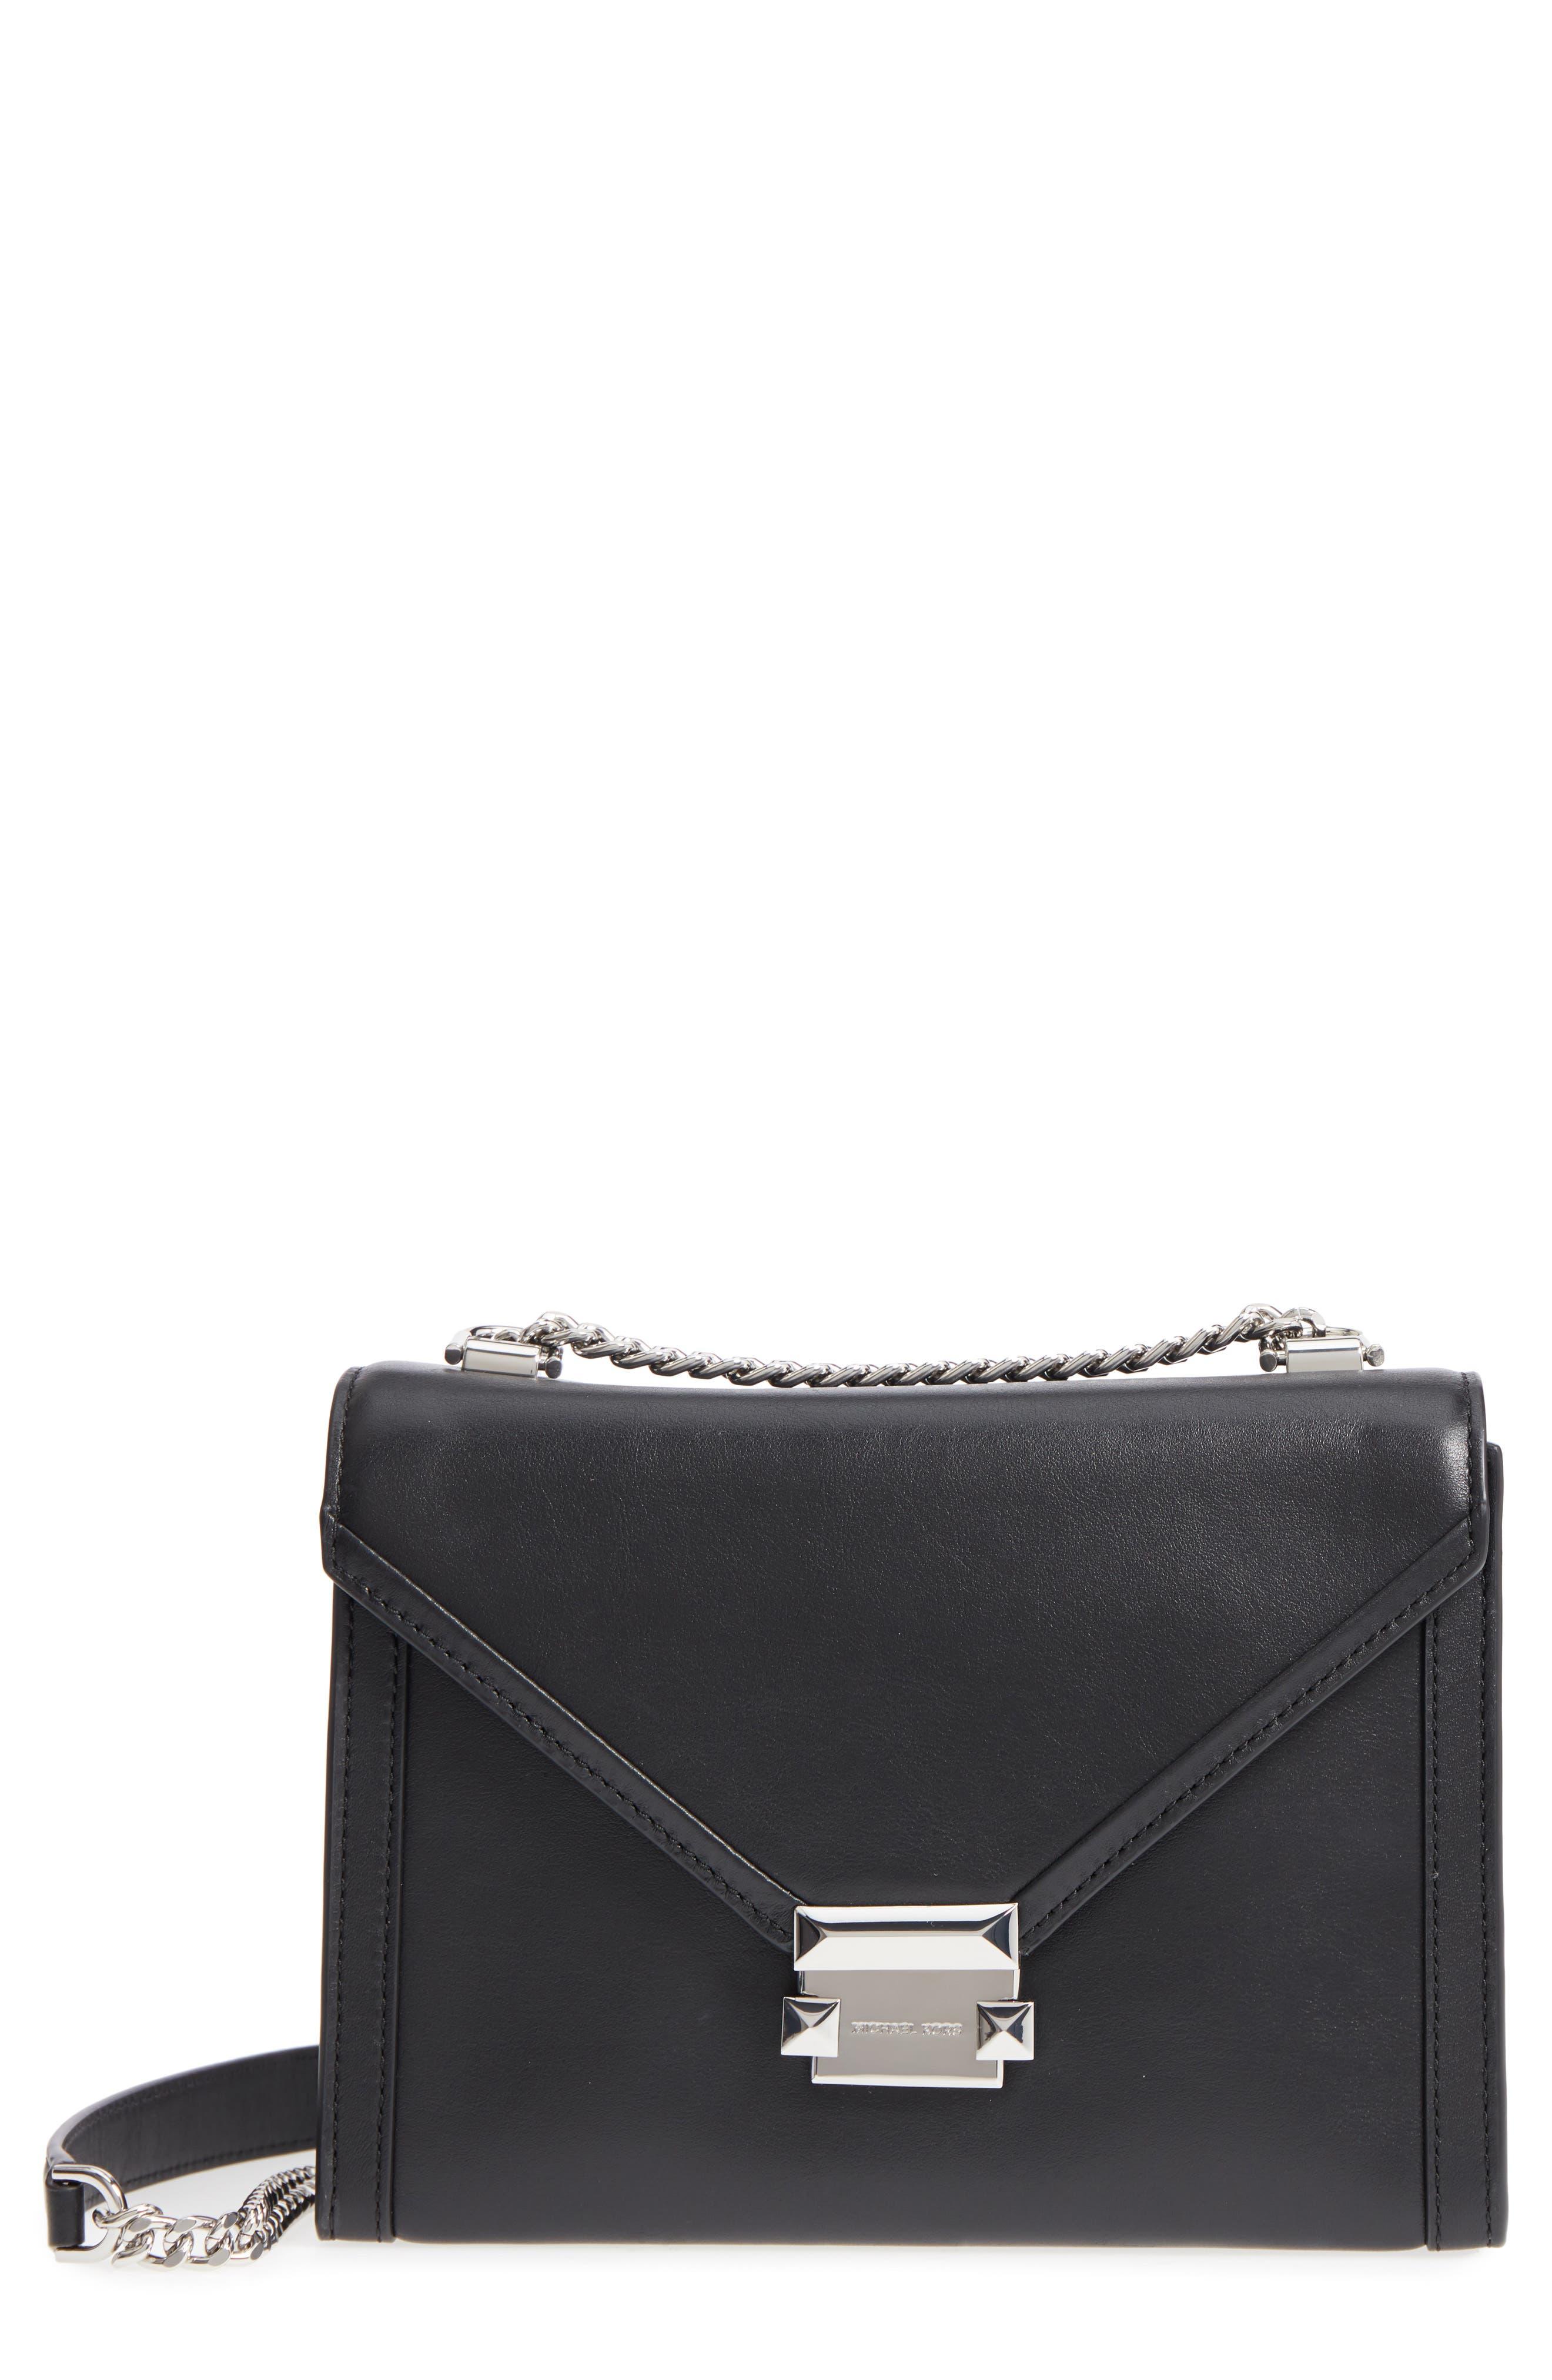 0e804c187109 MICHAEL Michael Kors Handbags   Wallets for Women